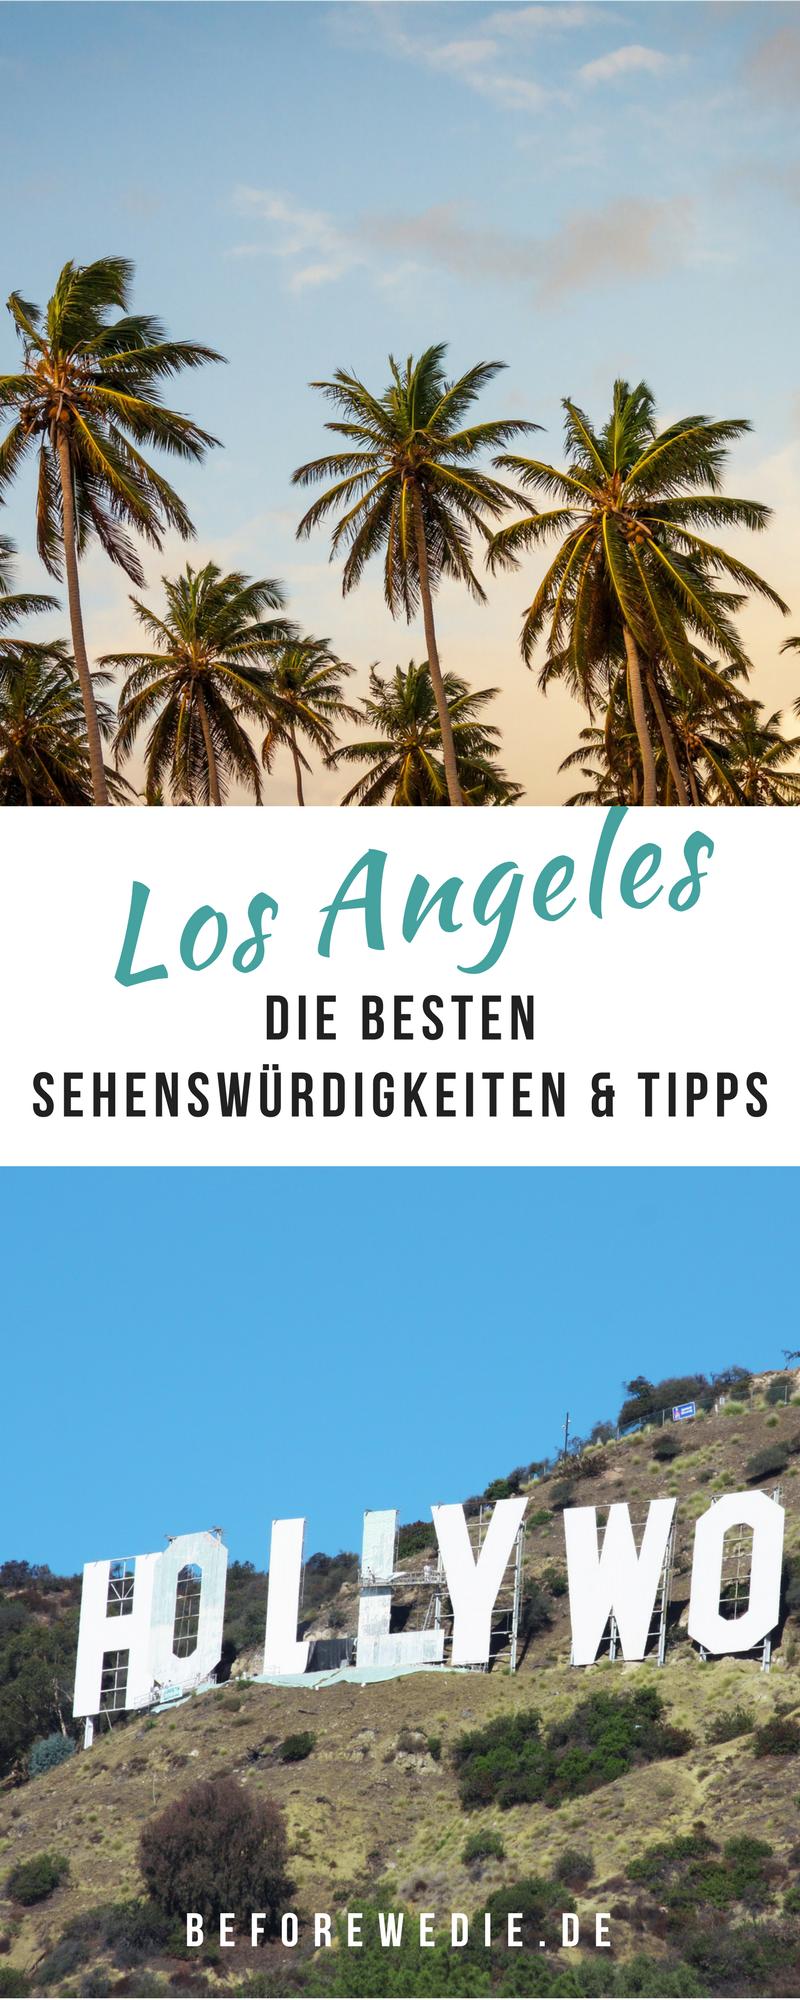 Photo of Los Angeles Sehenswürdigkeiten: Der Los Angeles Travel Guide für 1 Tag